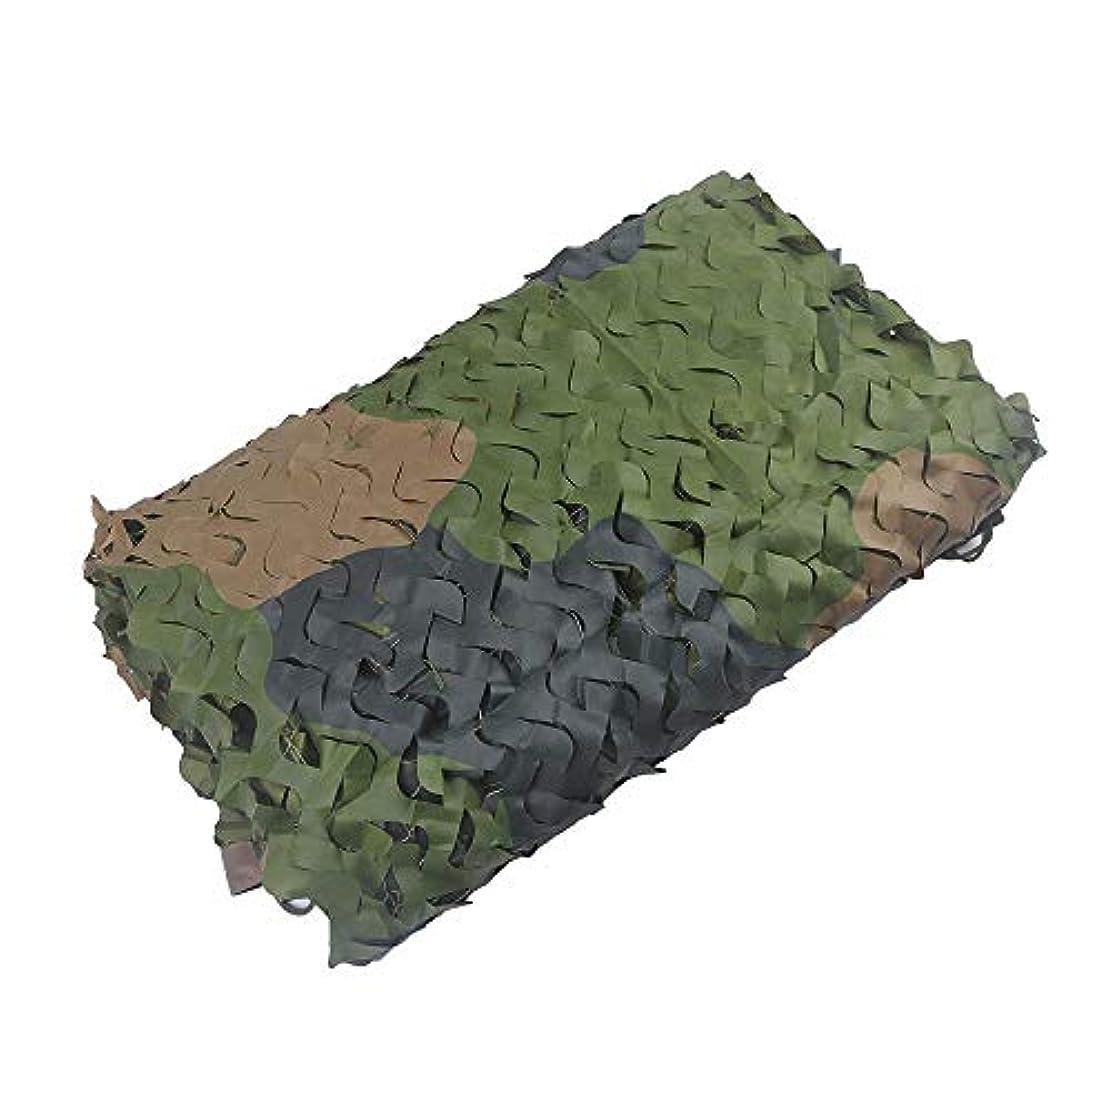 メロディアスグッゲンハイム美術館ファランクス迷彩ネット 迷彩日除け日焼け止めメッシュ日焼け止めテント、写真装飾ガーデンに適して、複数のサイズ利用可能、森 キャンプ (サイズ さいず : 8*8M)